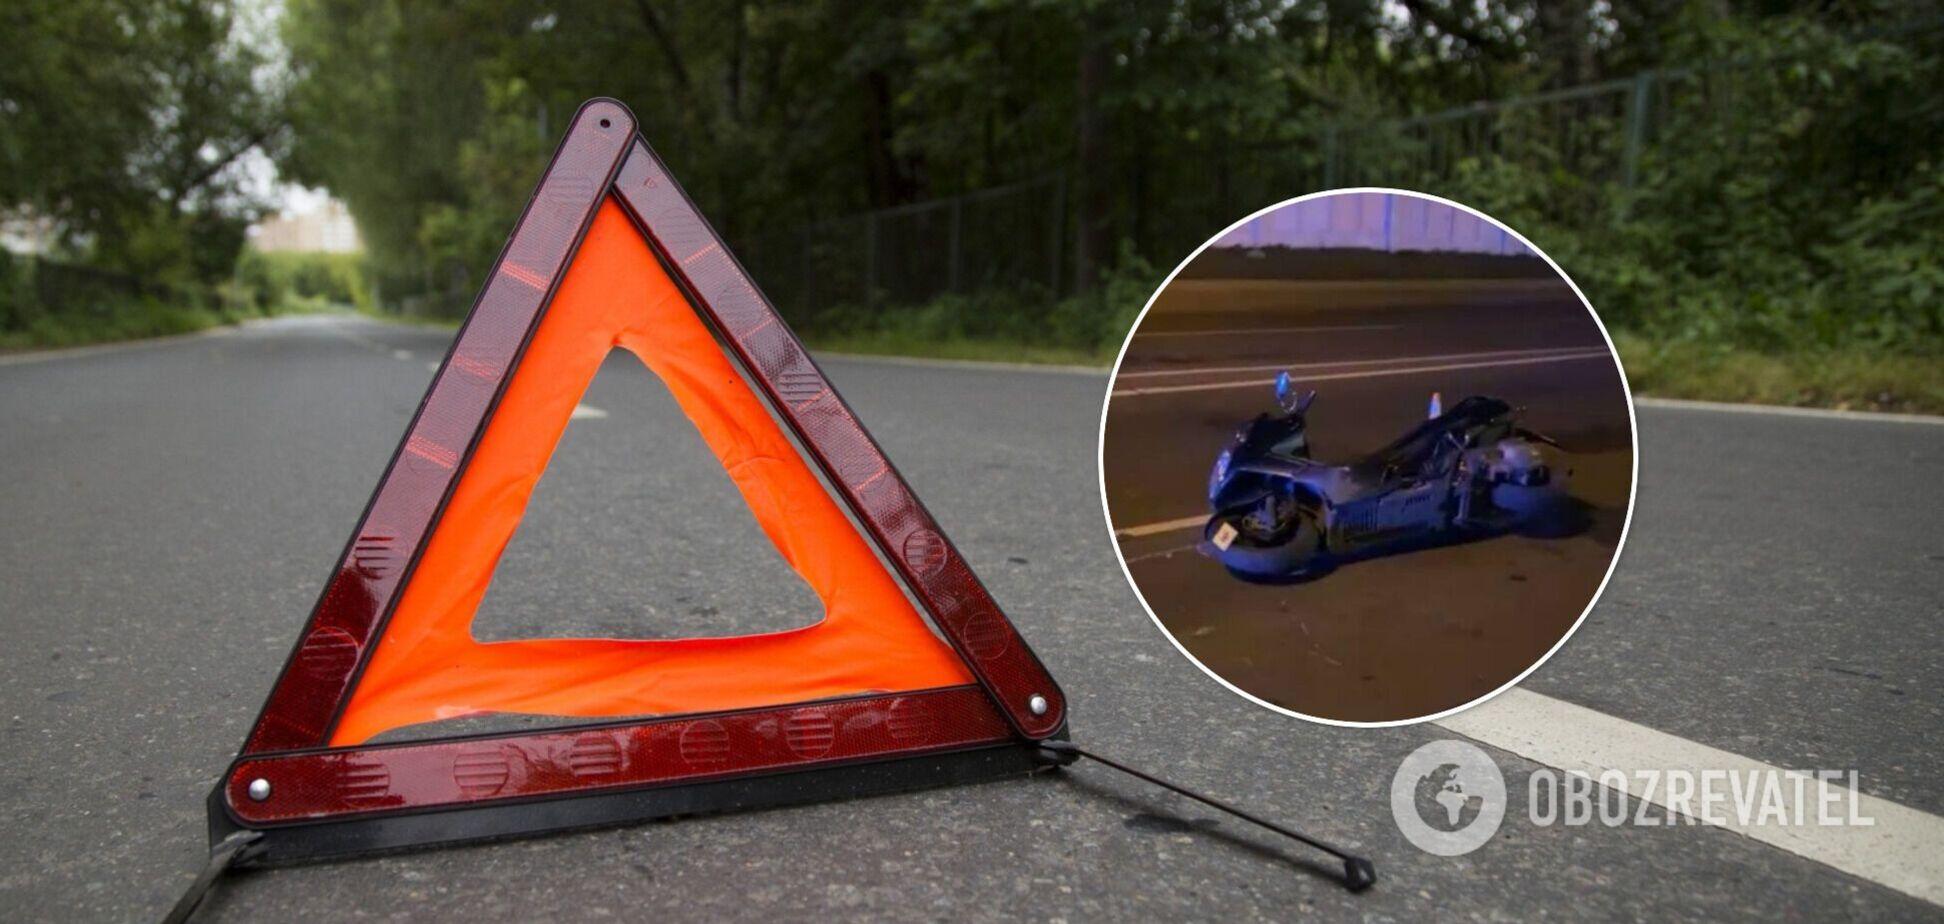 В Киеве скутер на скорости влетел в отбойник, водитель погиб на месте. Фото